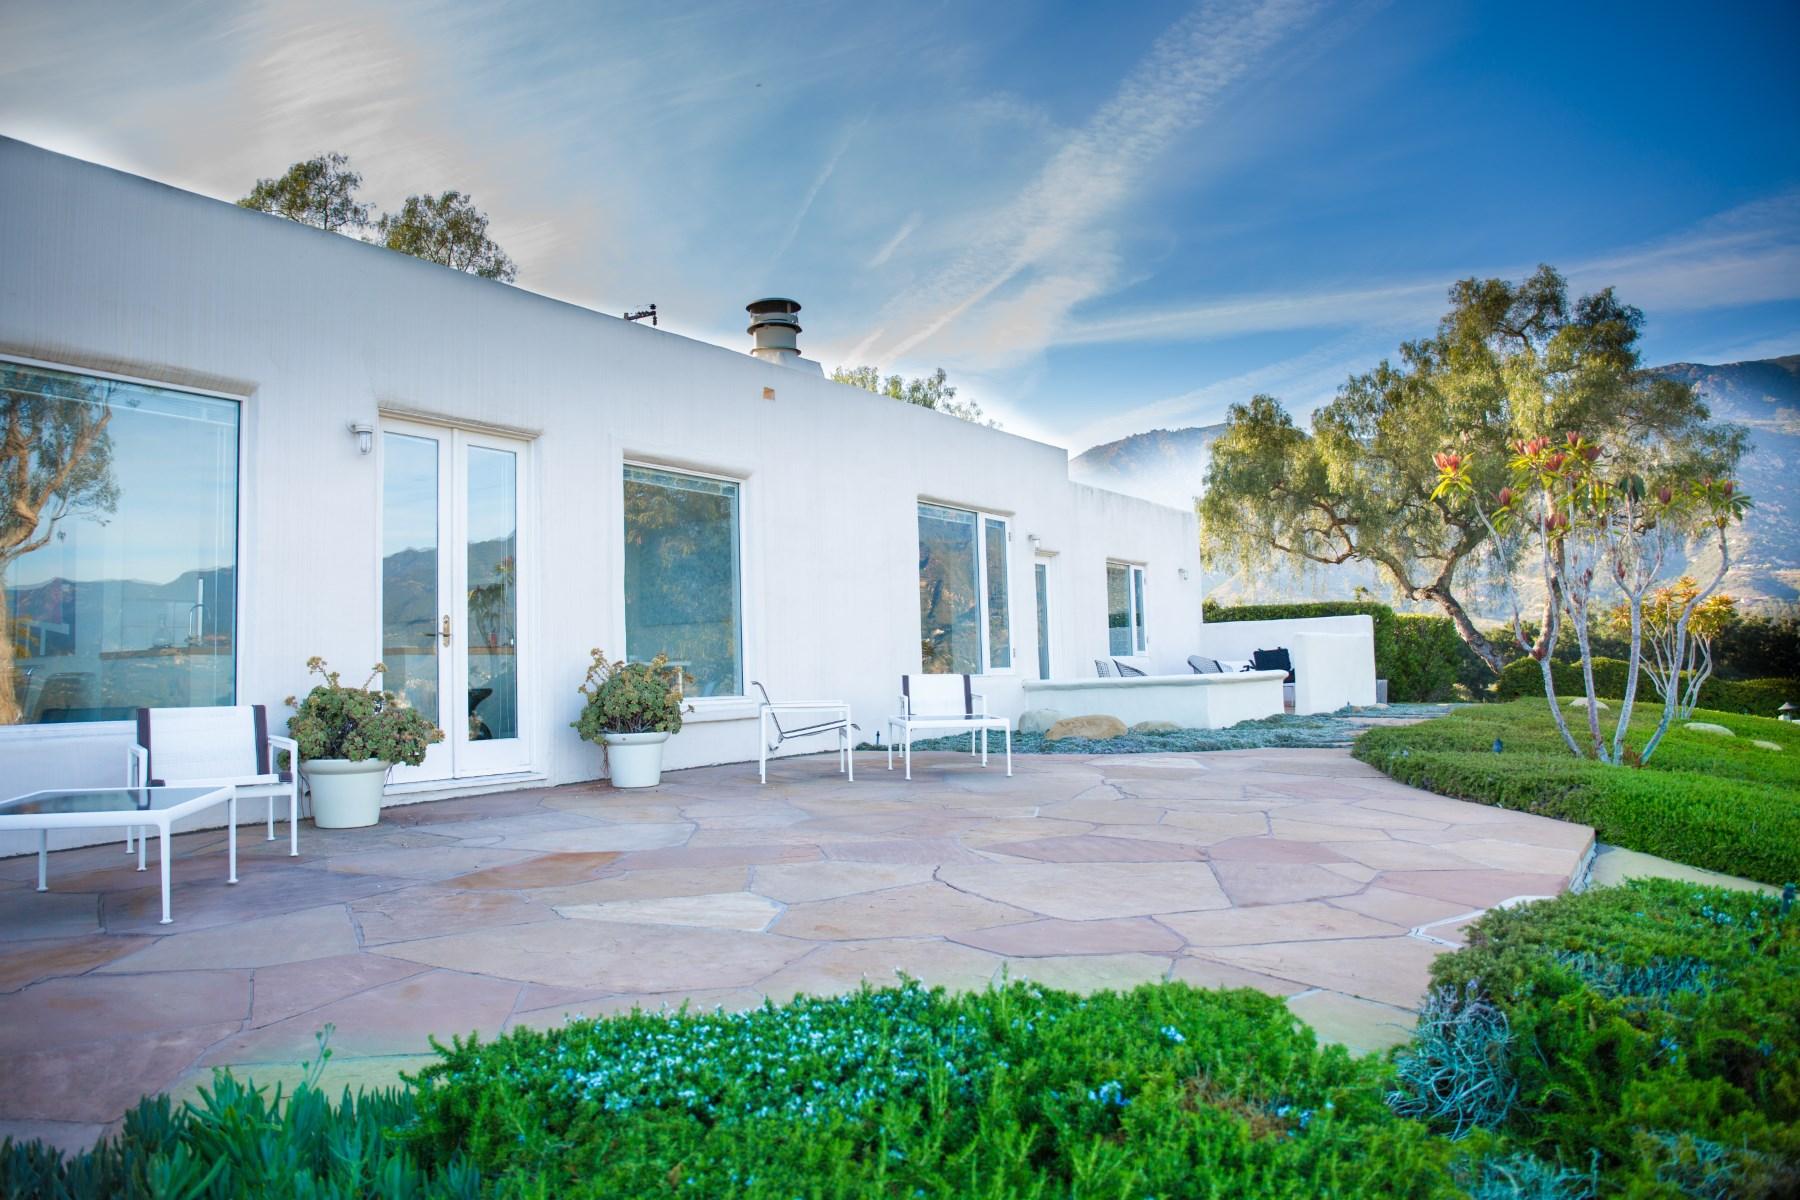 独户住宅 为 销售 在 Tranquil Home Setting With Amazing Views 140 Camino Alto Riviera, 圣巴巴拉市, 加利福尼亚州, 93103 美国